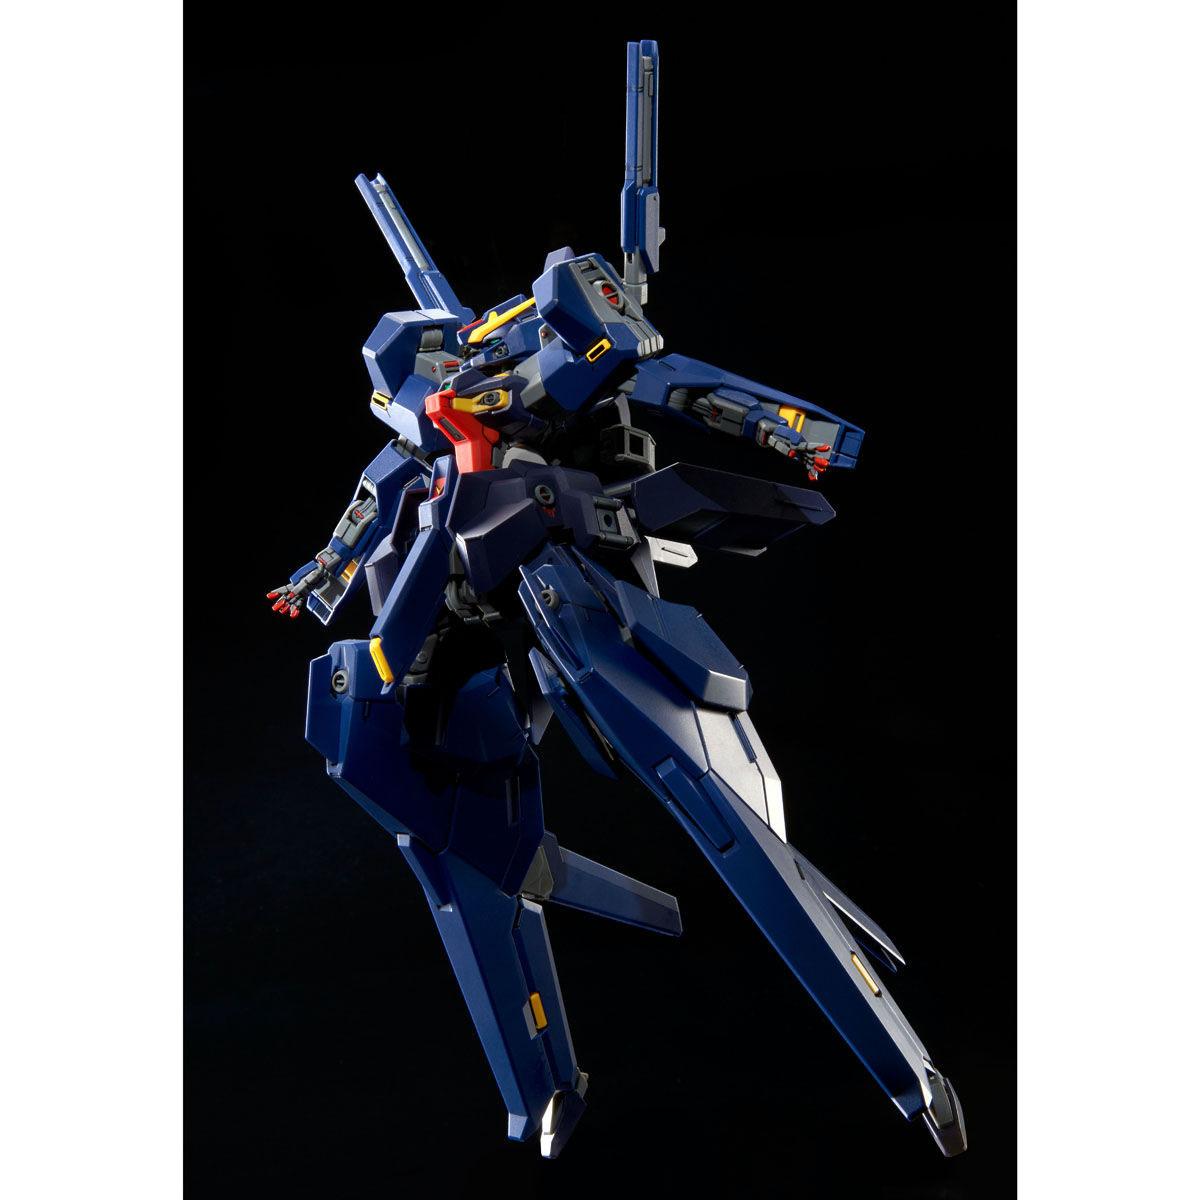 【限定販売】HG 1/144『ガンダムTR-6[ハイゼンスレイII]』プラモデル-006